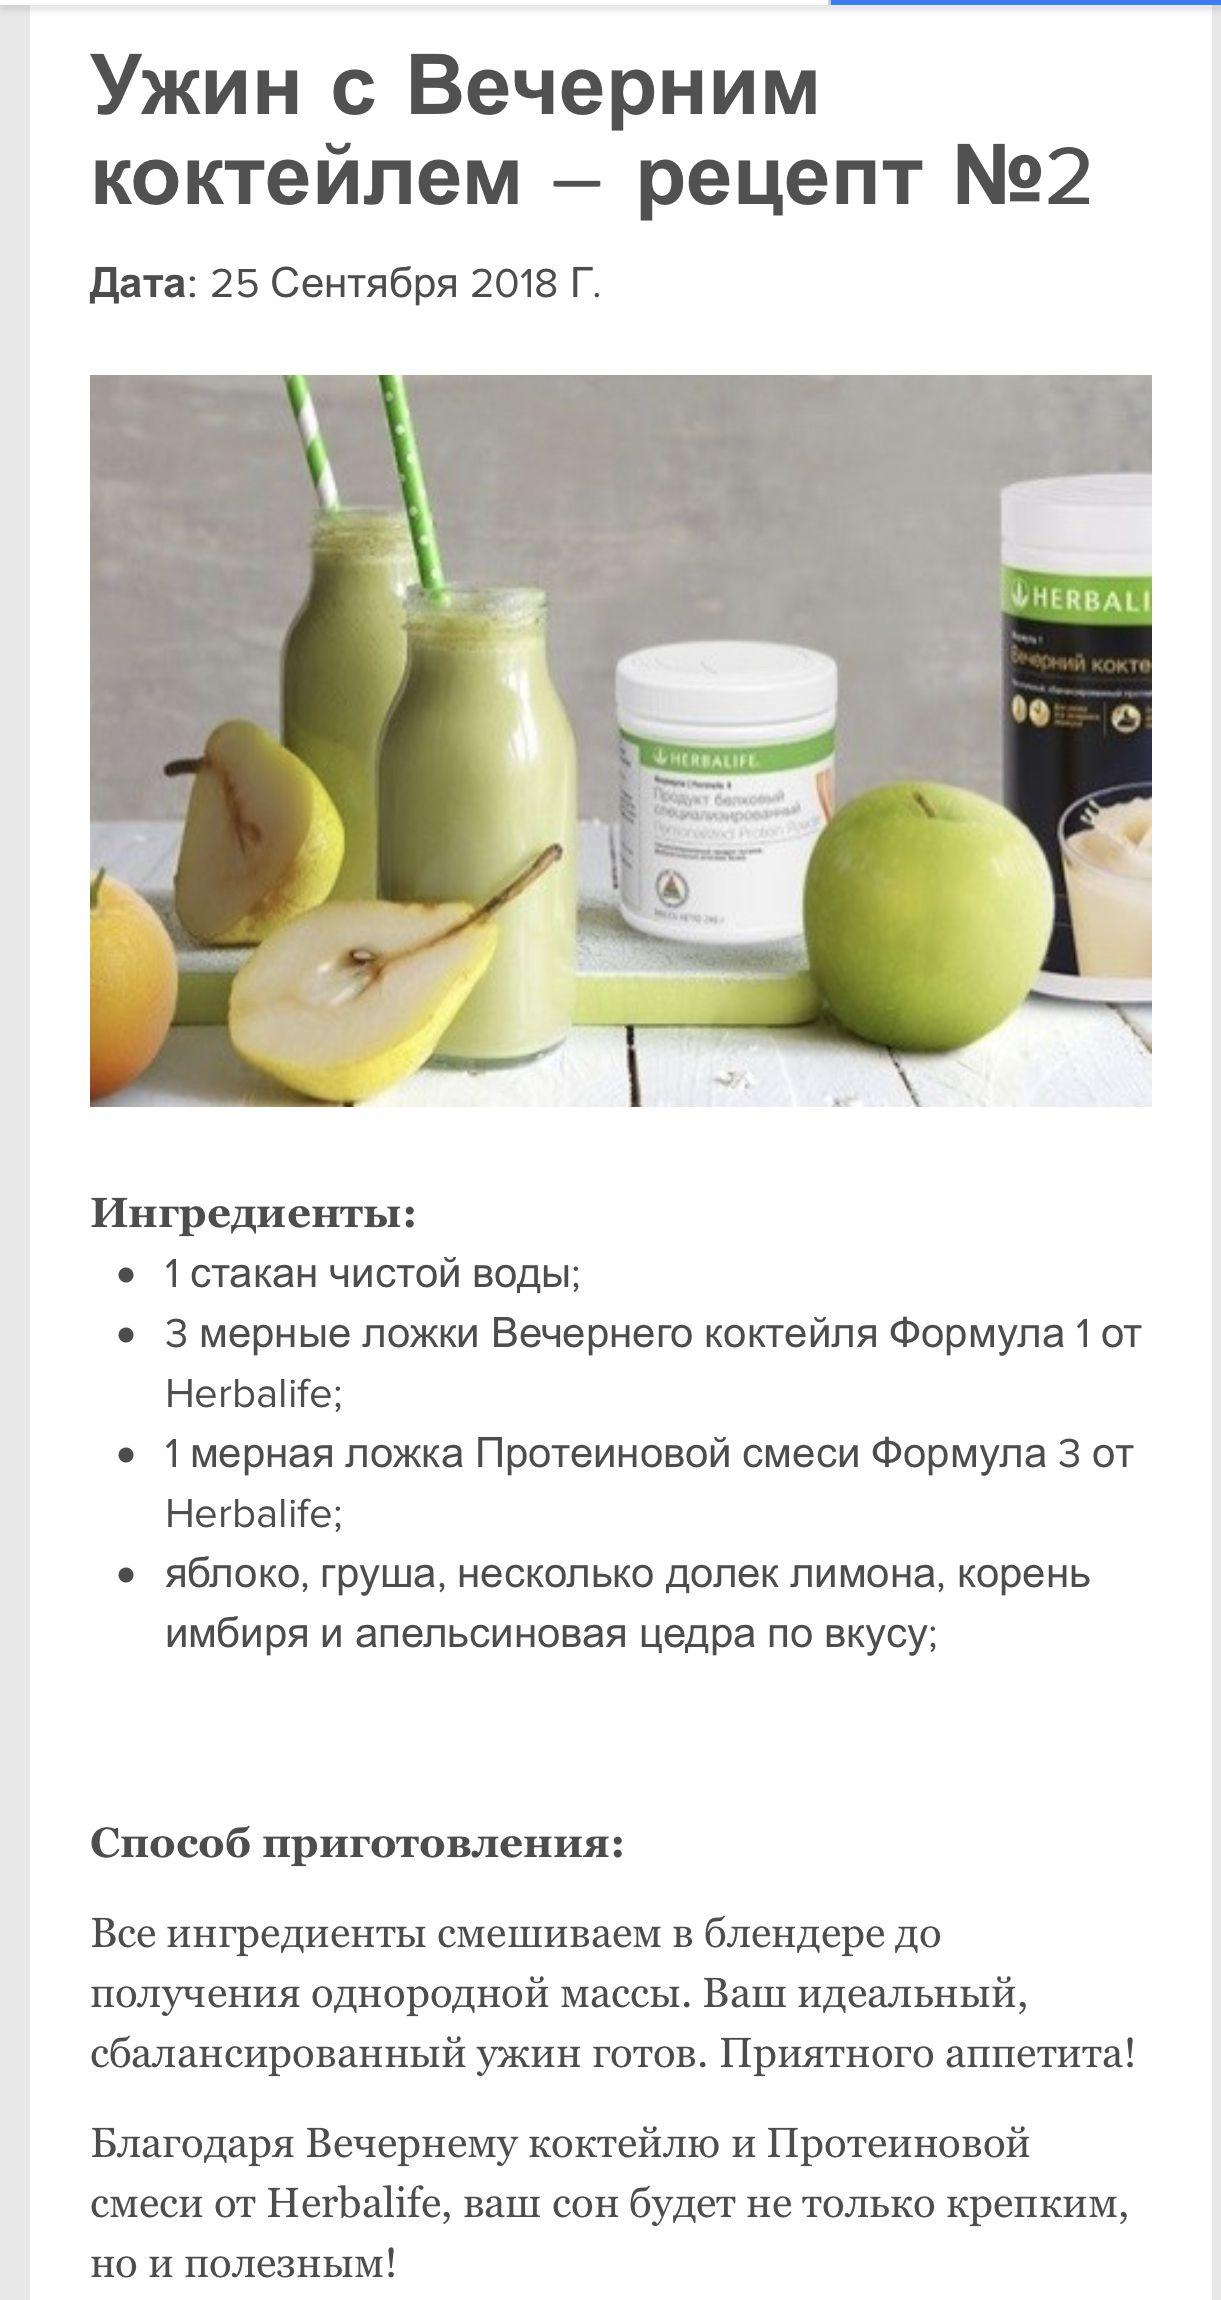 Рецепты Для Диеты С Гербалайф. Рецепты блюд с продуктами Гербалайф